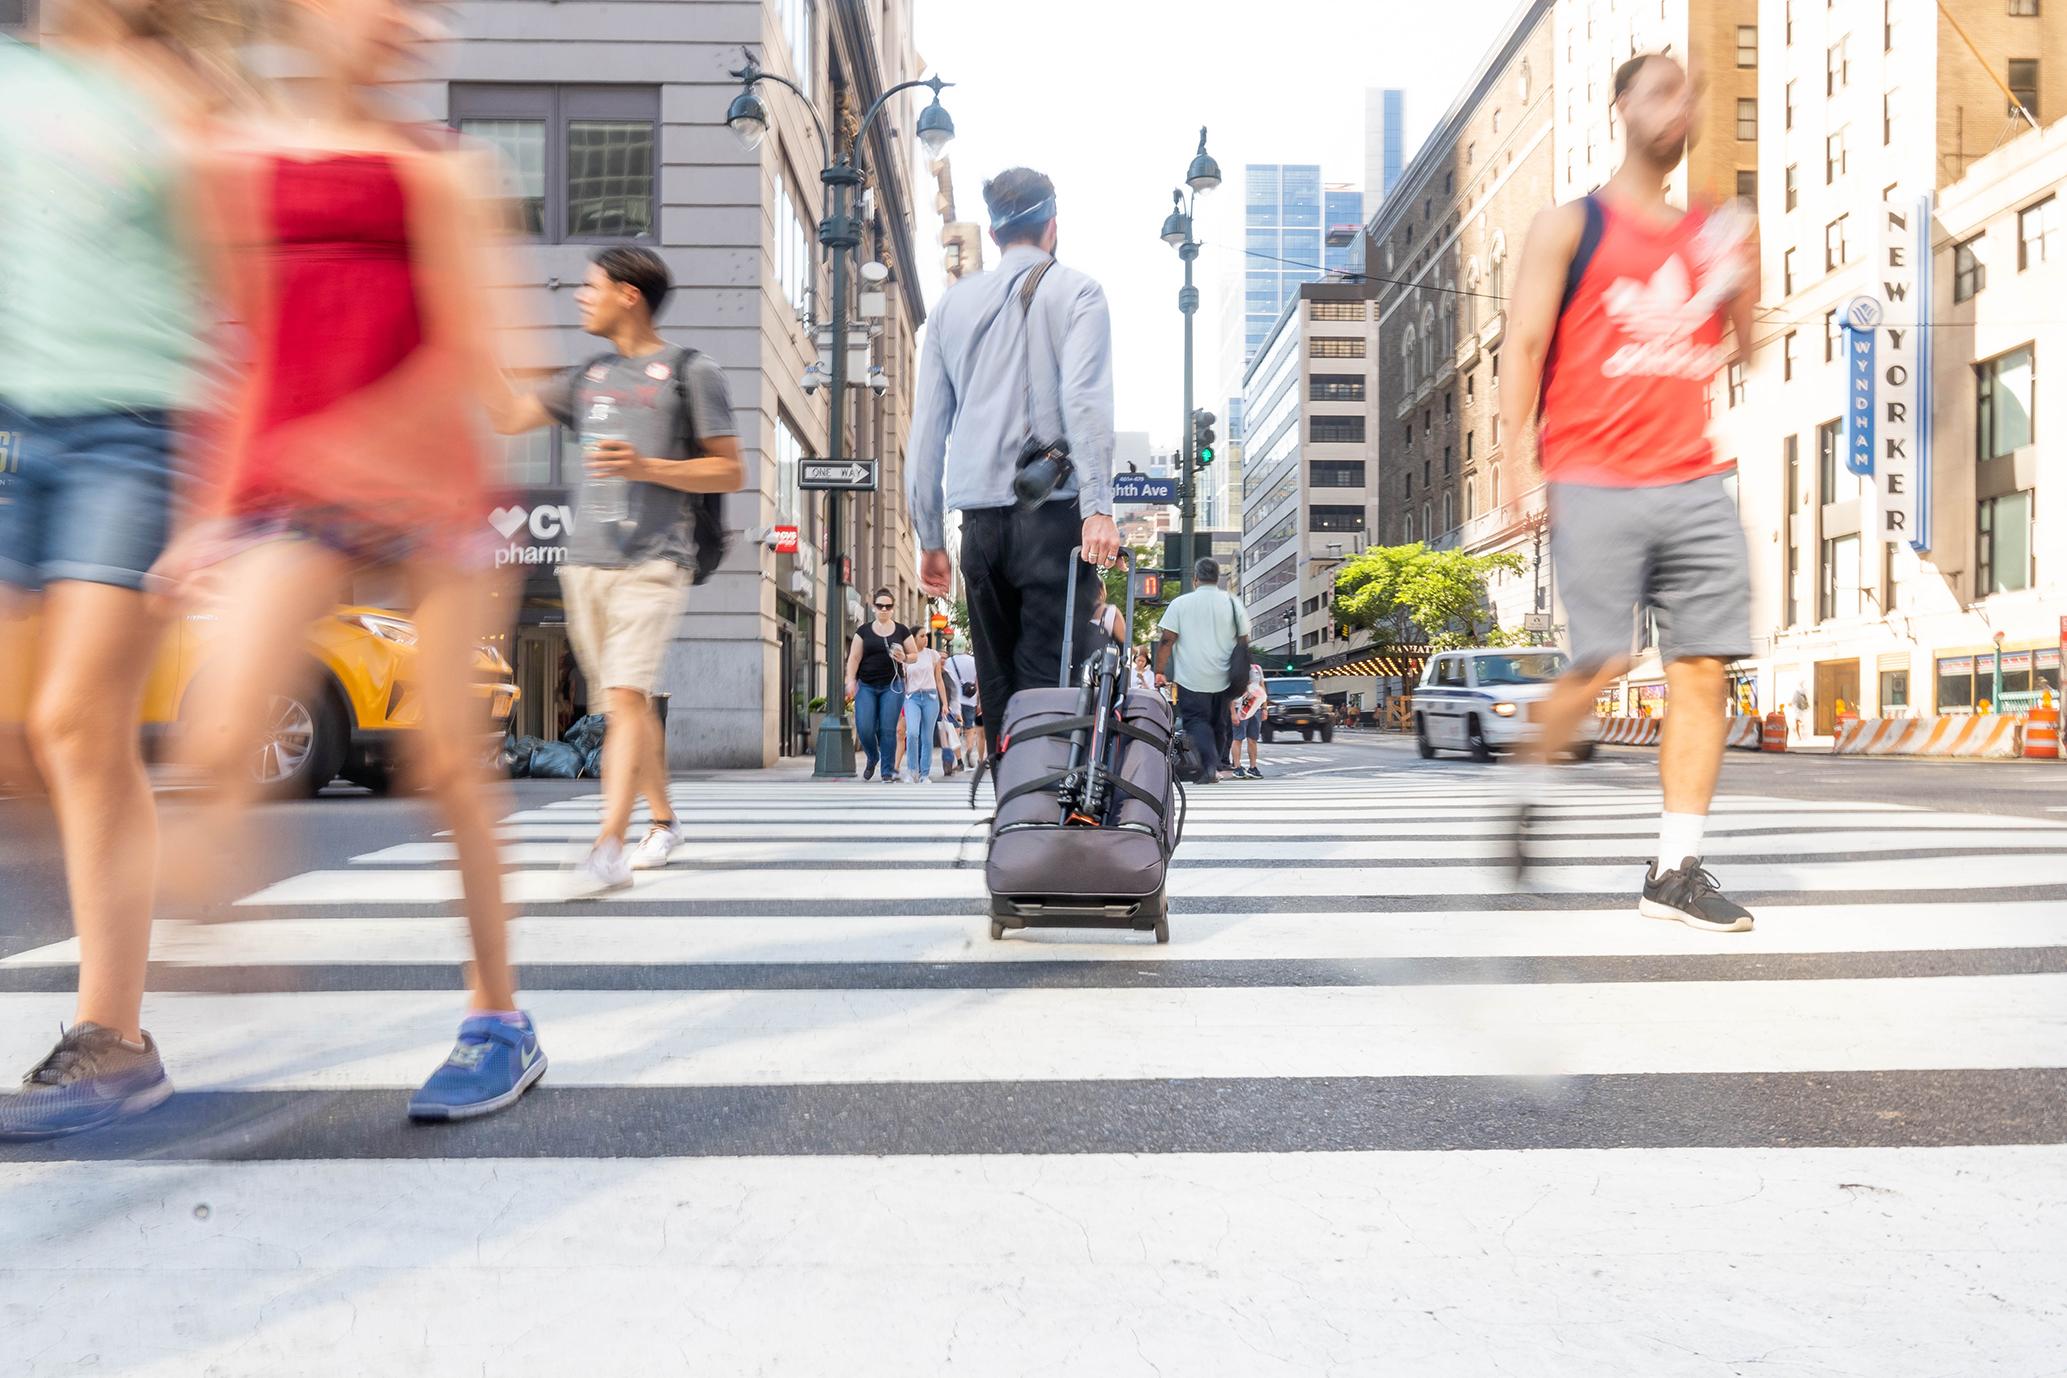 Vielseitig, stylish, urban: Manfrotto erweitert seine Manhattan Kamerataschen-Kollektion um den Manhattan Runner-50.